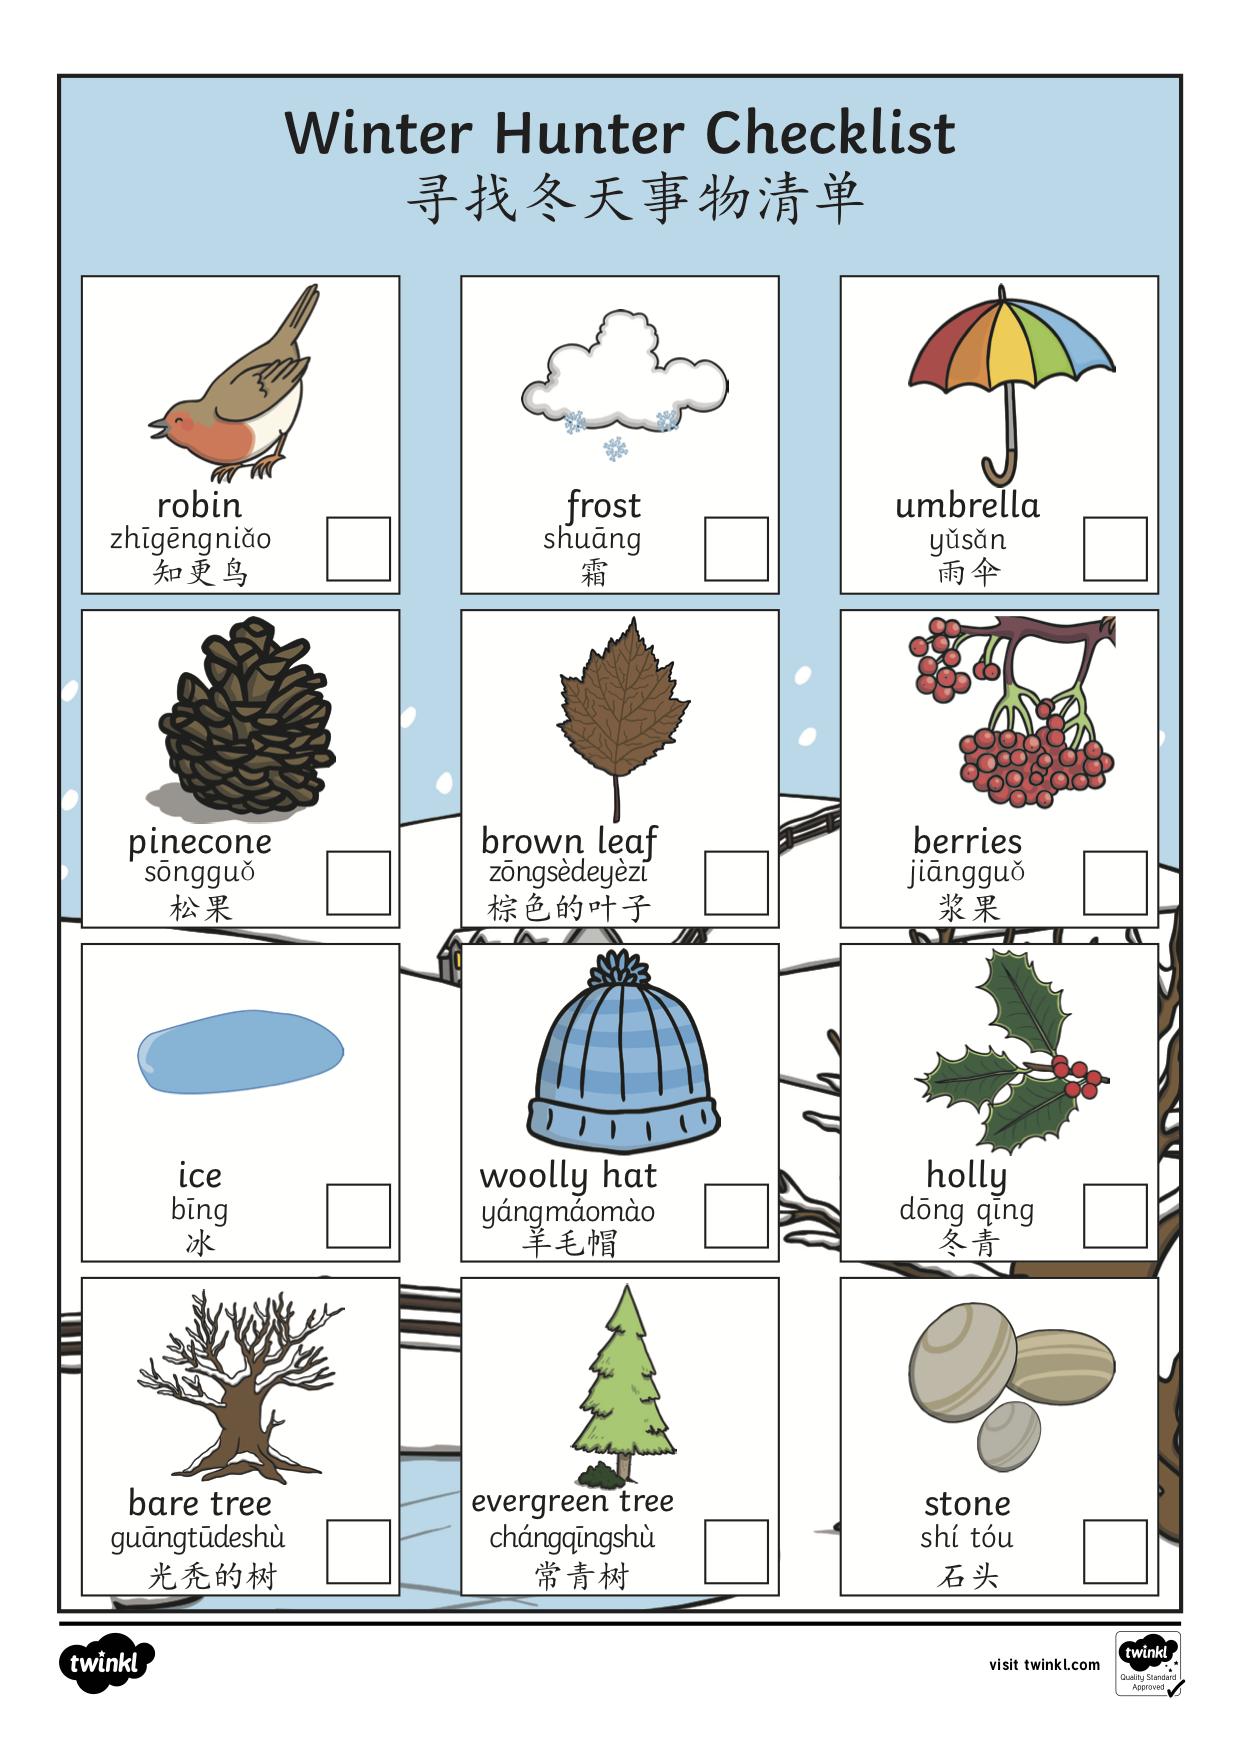 Winter Hunter Checklist